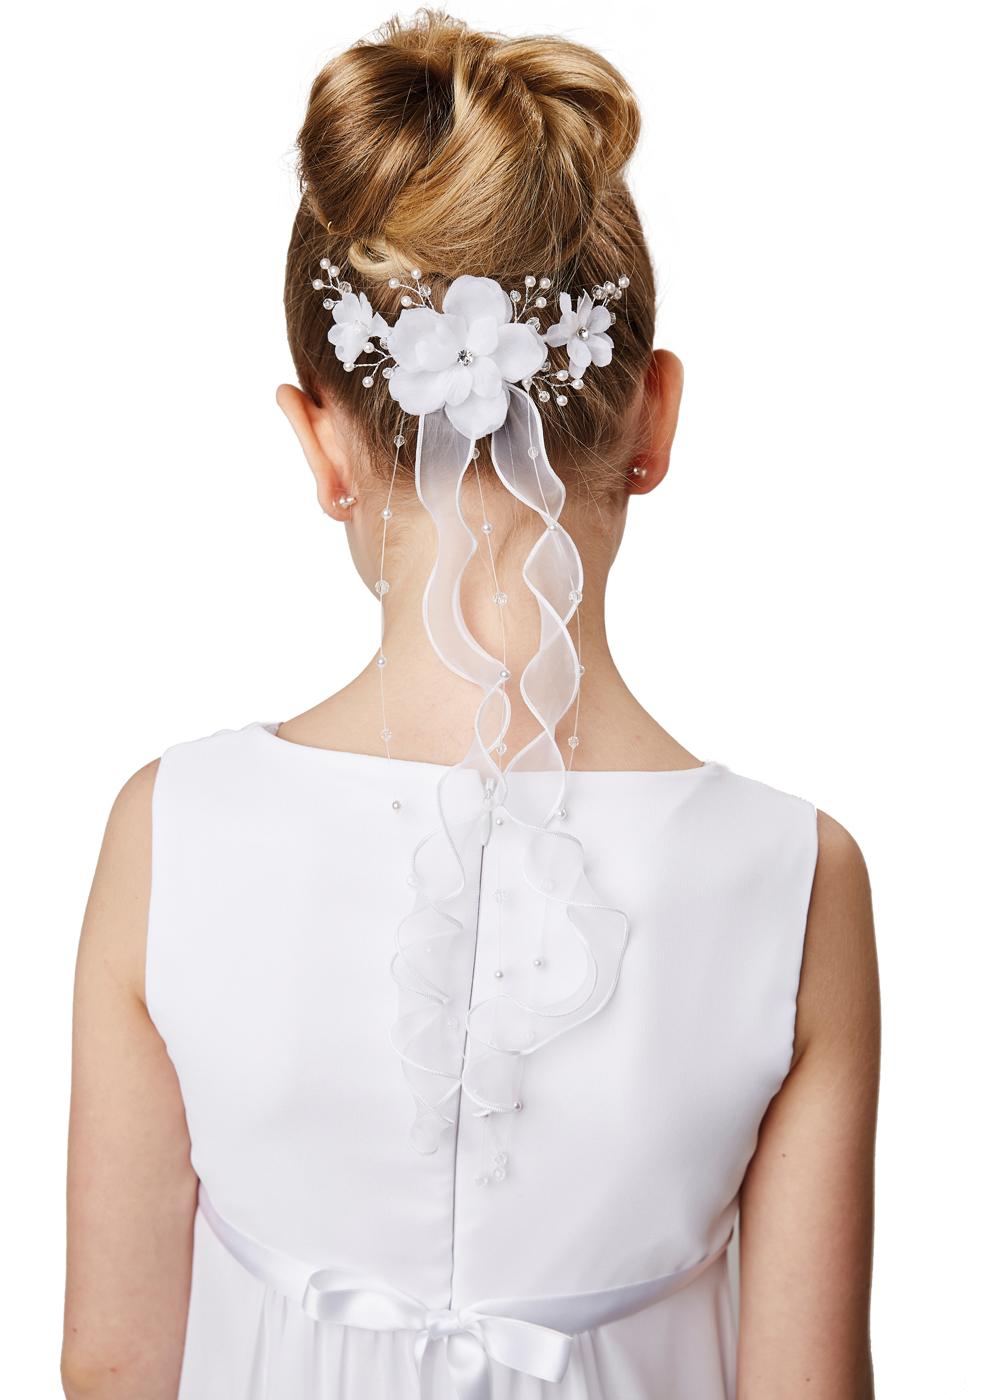 Kommunion Accessoires für Mädchen. Haarschmuck Modell 244209.